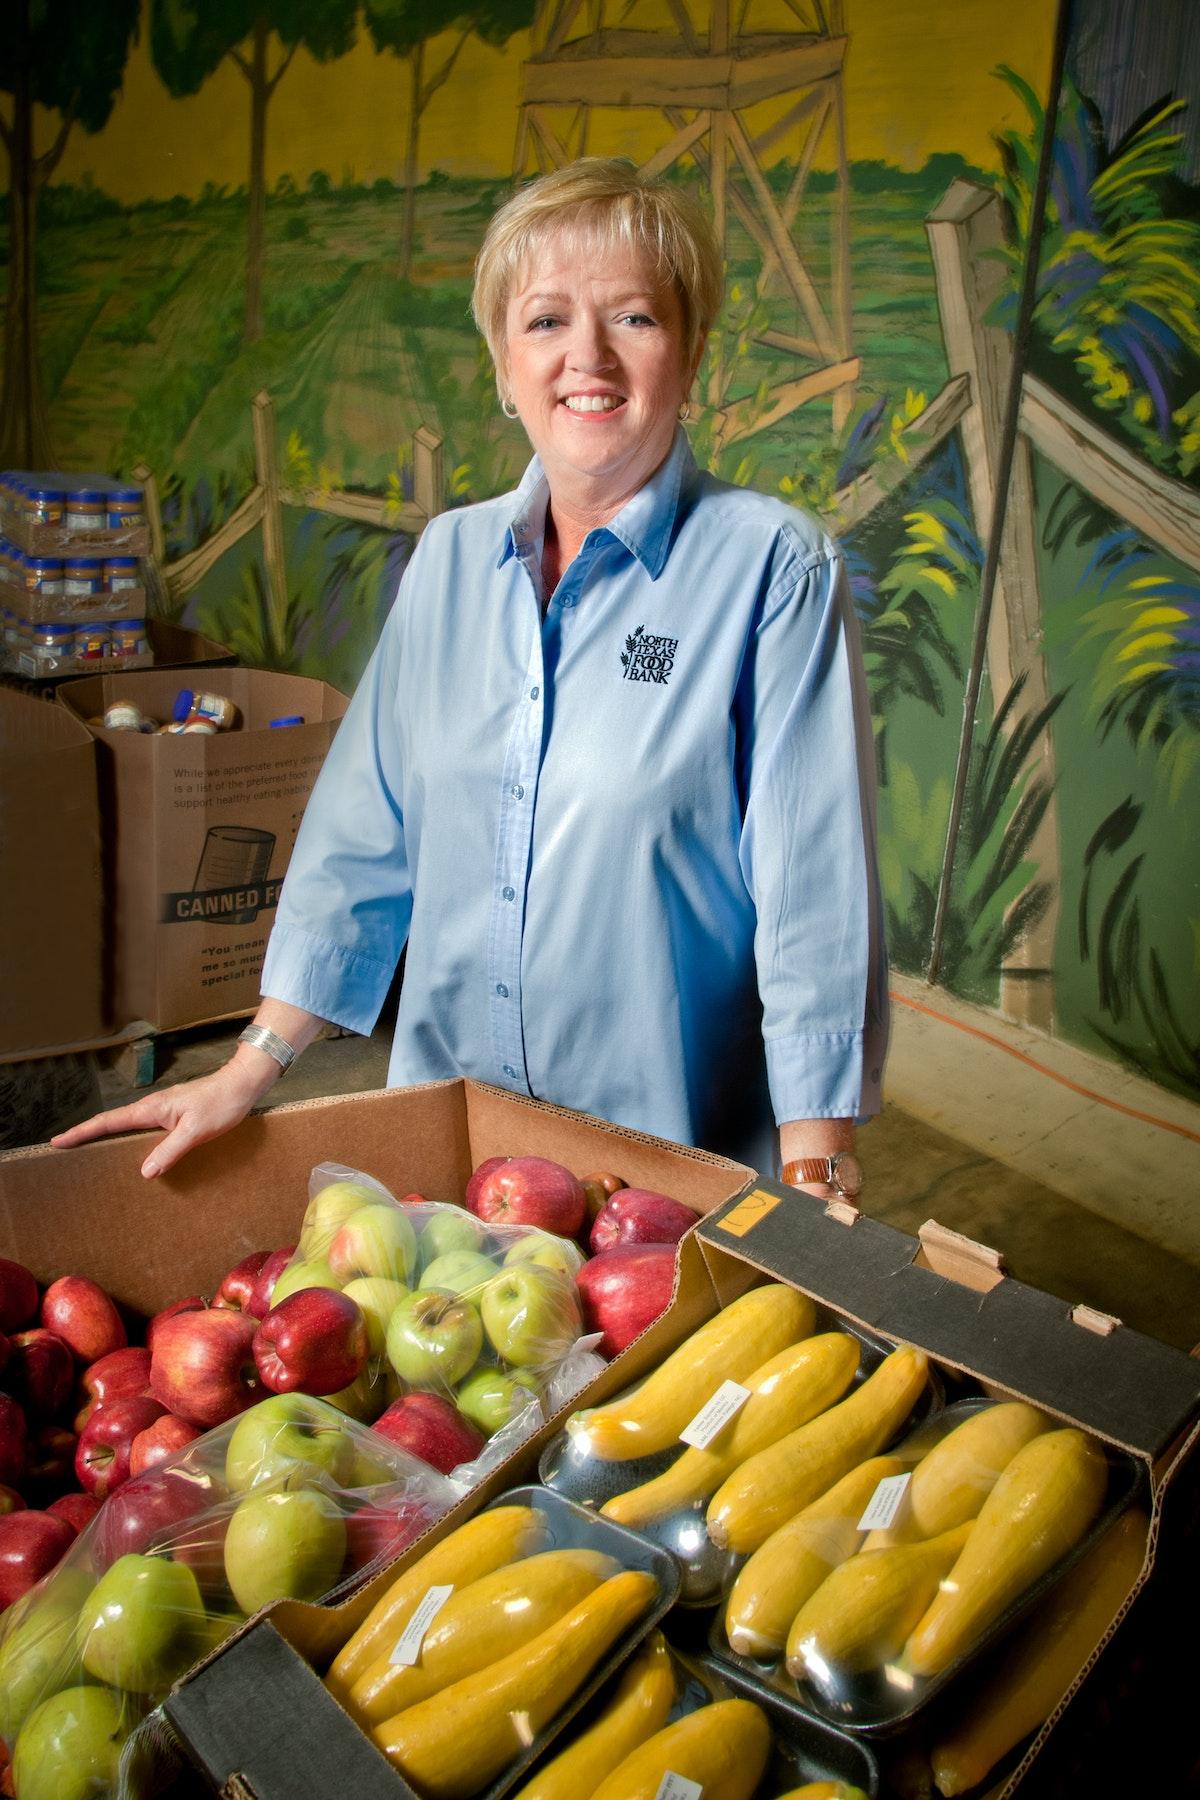 Jan Pruitt, former head of North Texas Food Bank, dies at 63